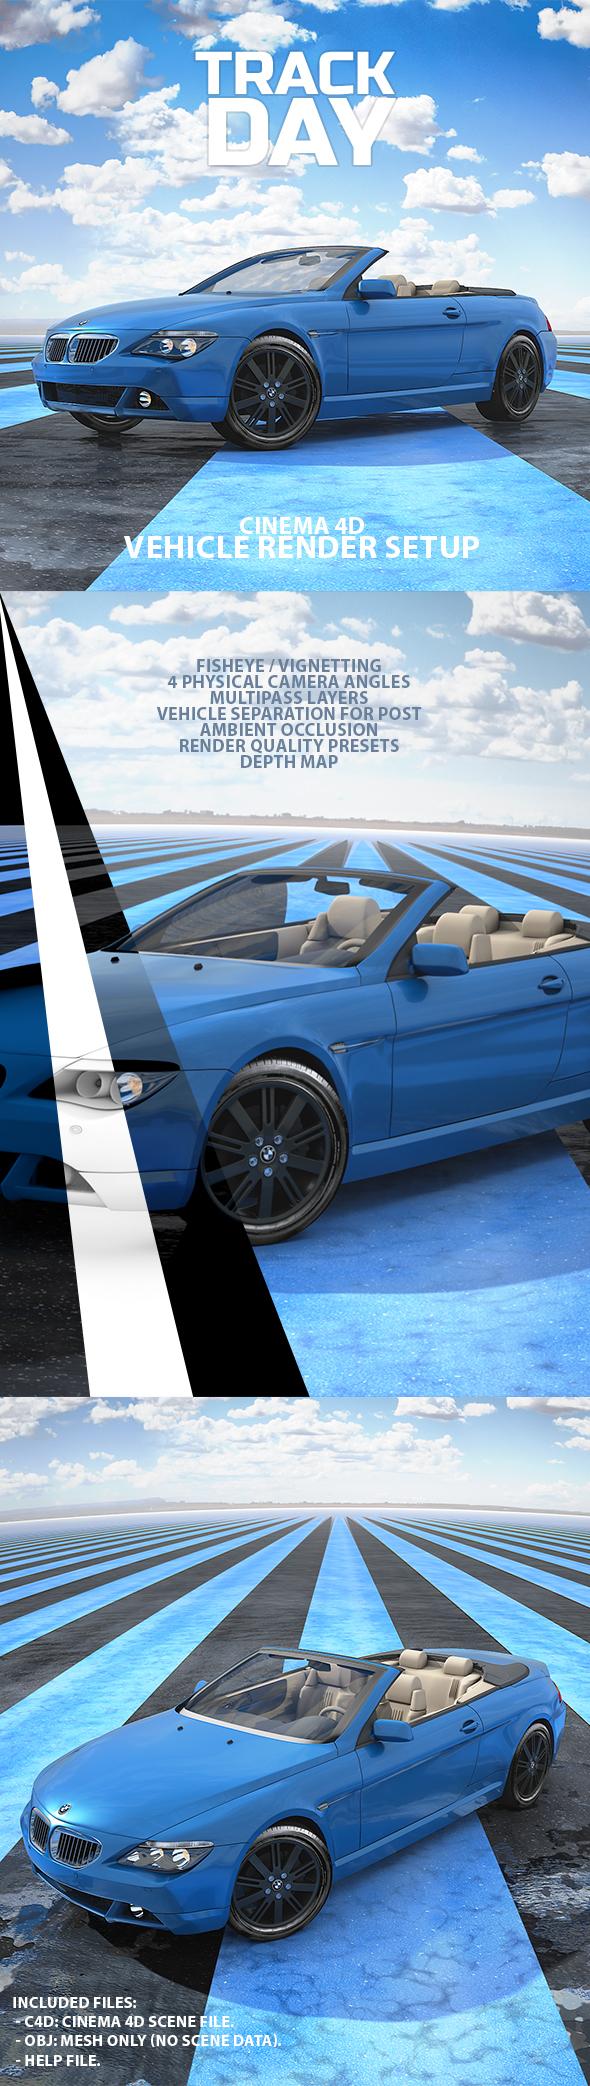 Track Day Car Render Setup for Cinema 4D